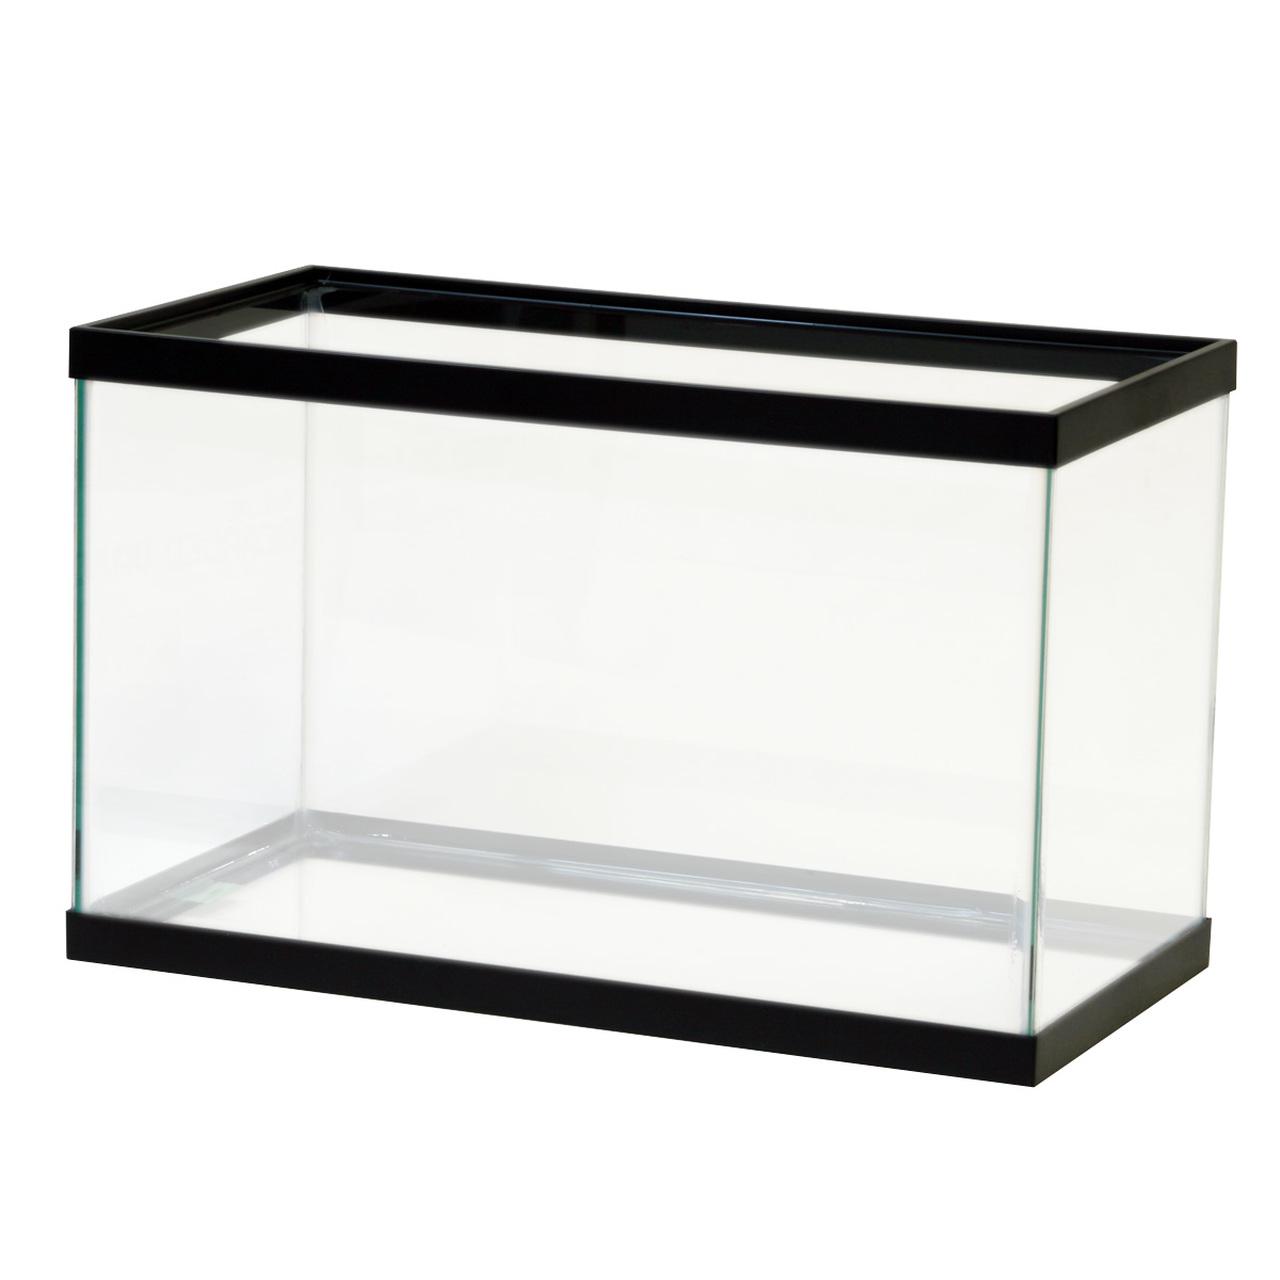 Empty 10-gallon aquarium